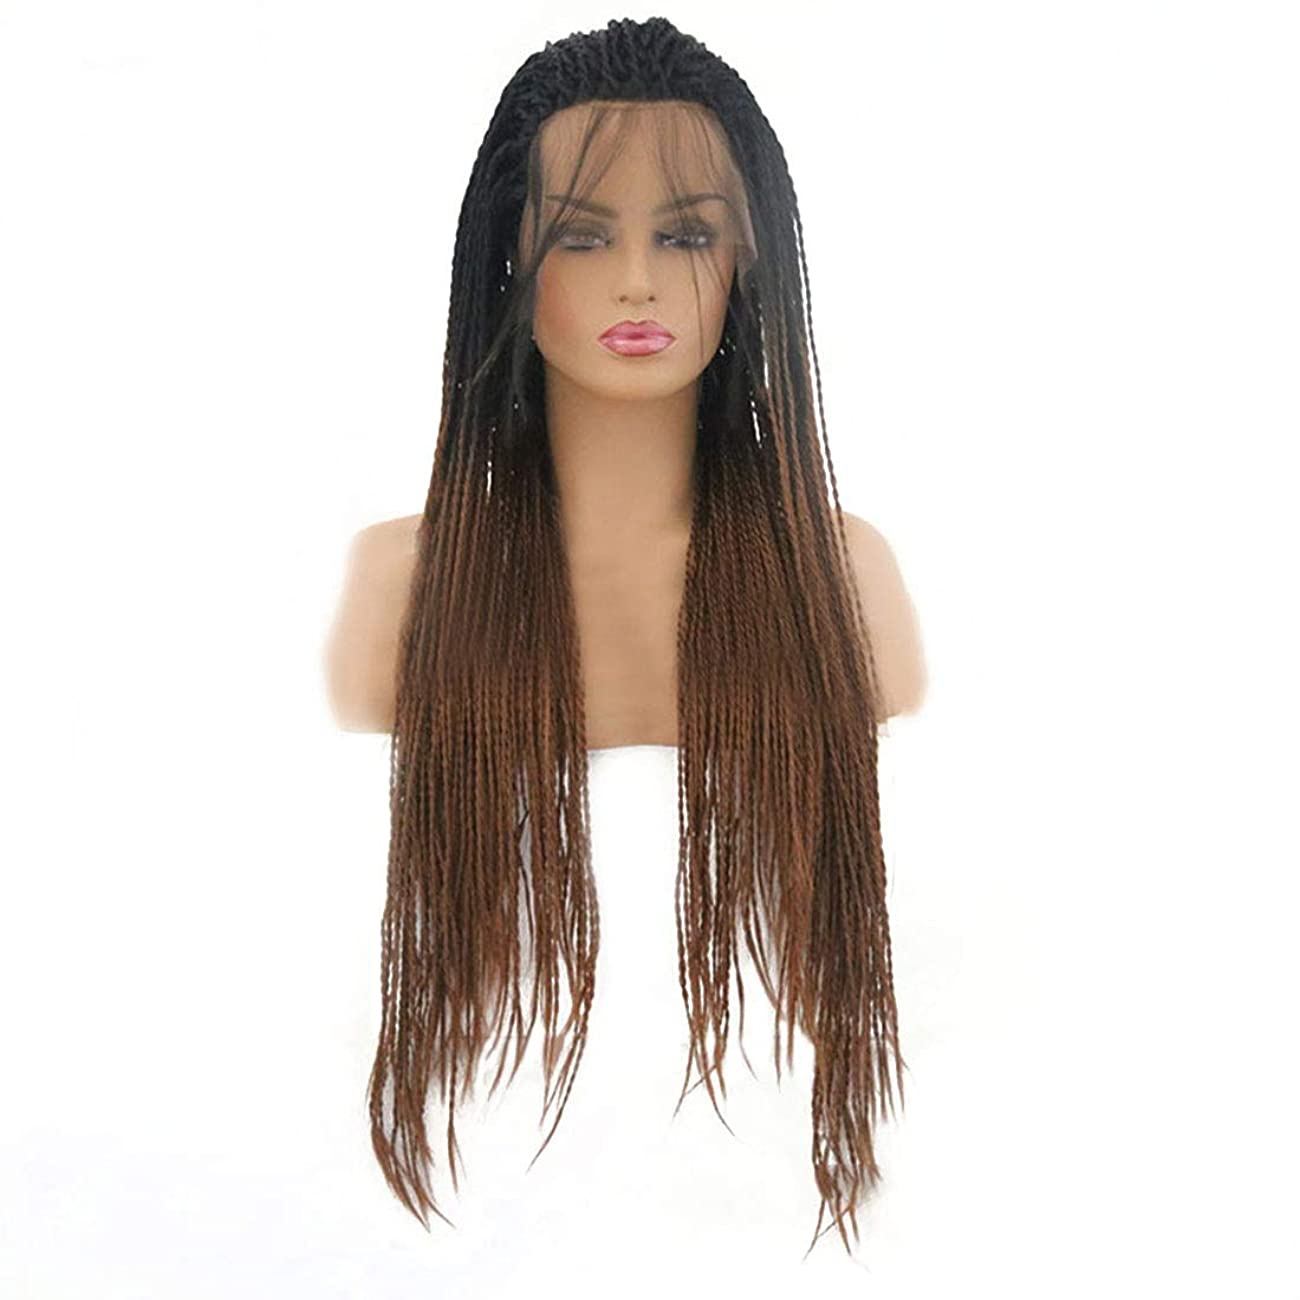 比べる二金額BOBIDYEE Tカラーロングストレートヘアグラデーションカラースモールダーティウィッグフロントレースウィッグ複合ヘアレースウィッグロールプレイングウィッグ (色 : Photo Color, サイズ : 22 inches)